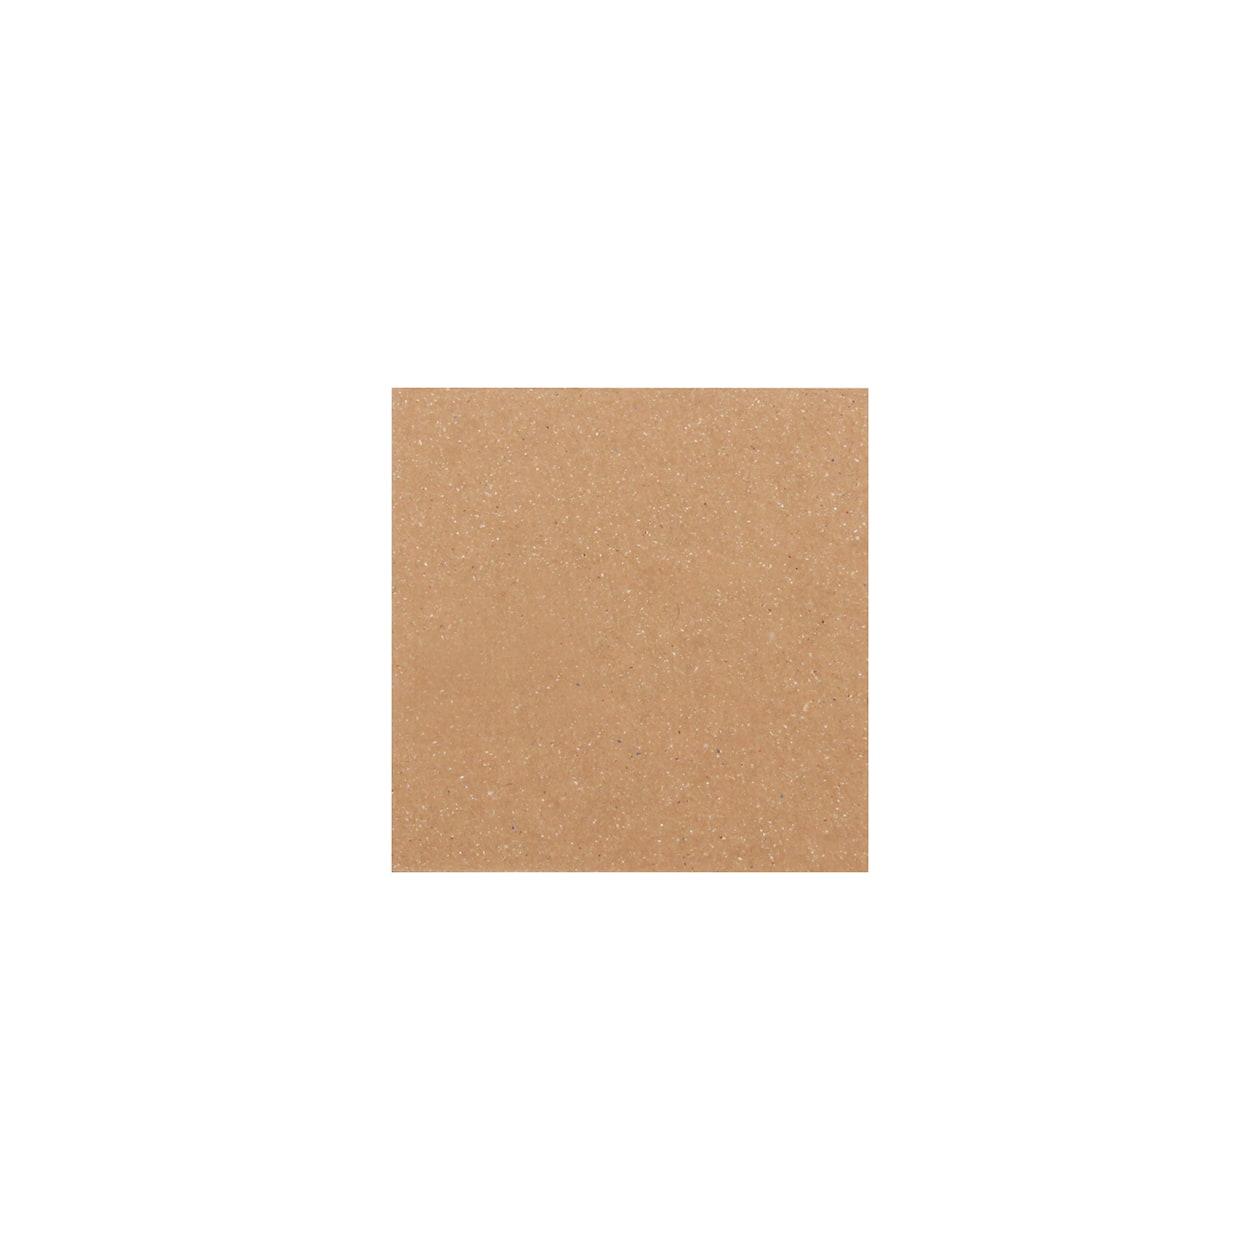 サンプル カード・シート 00016